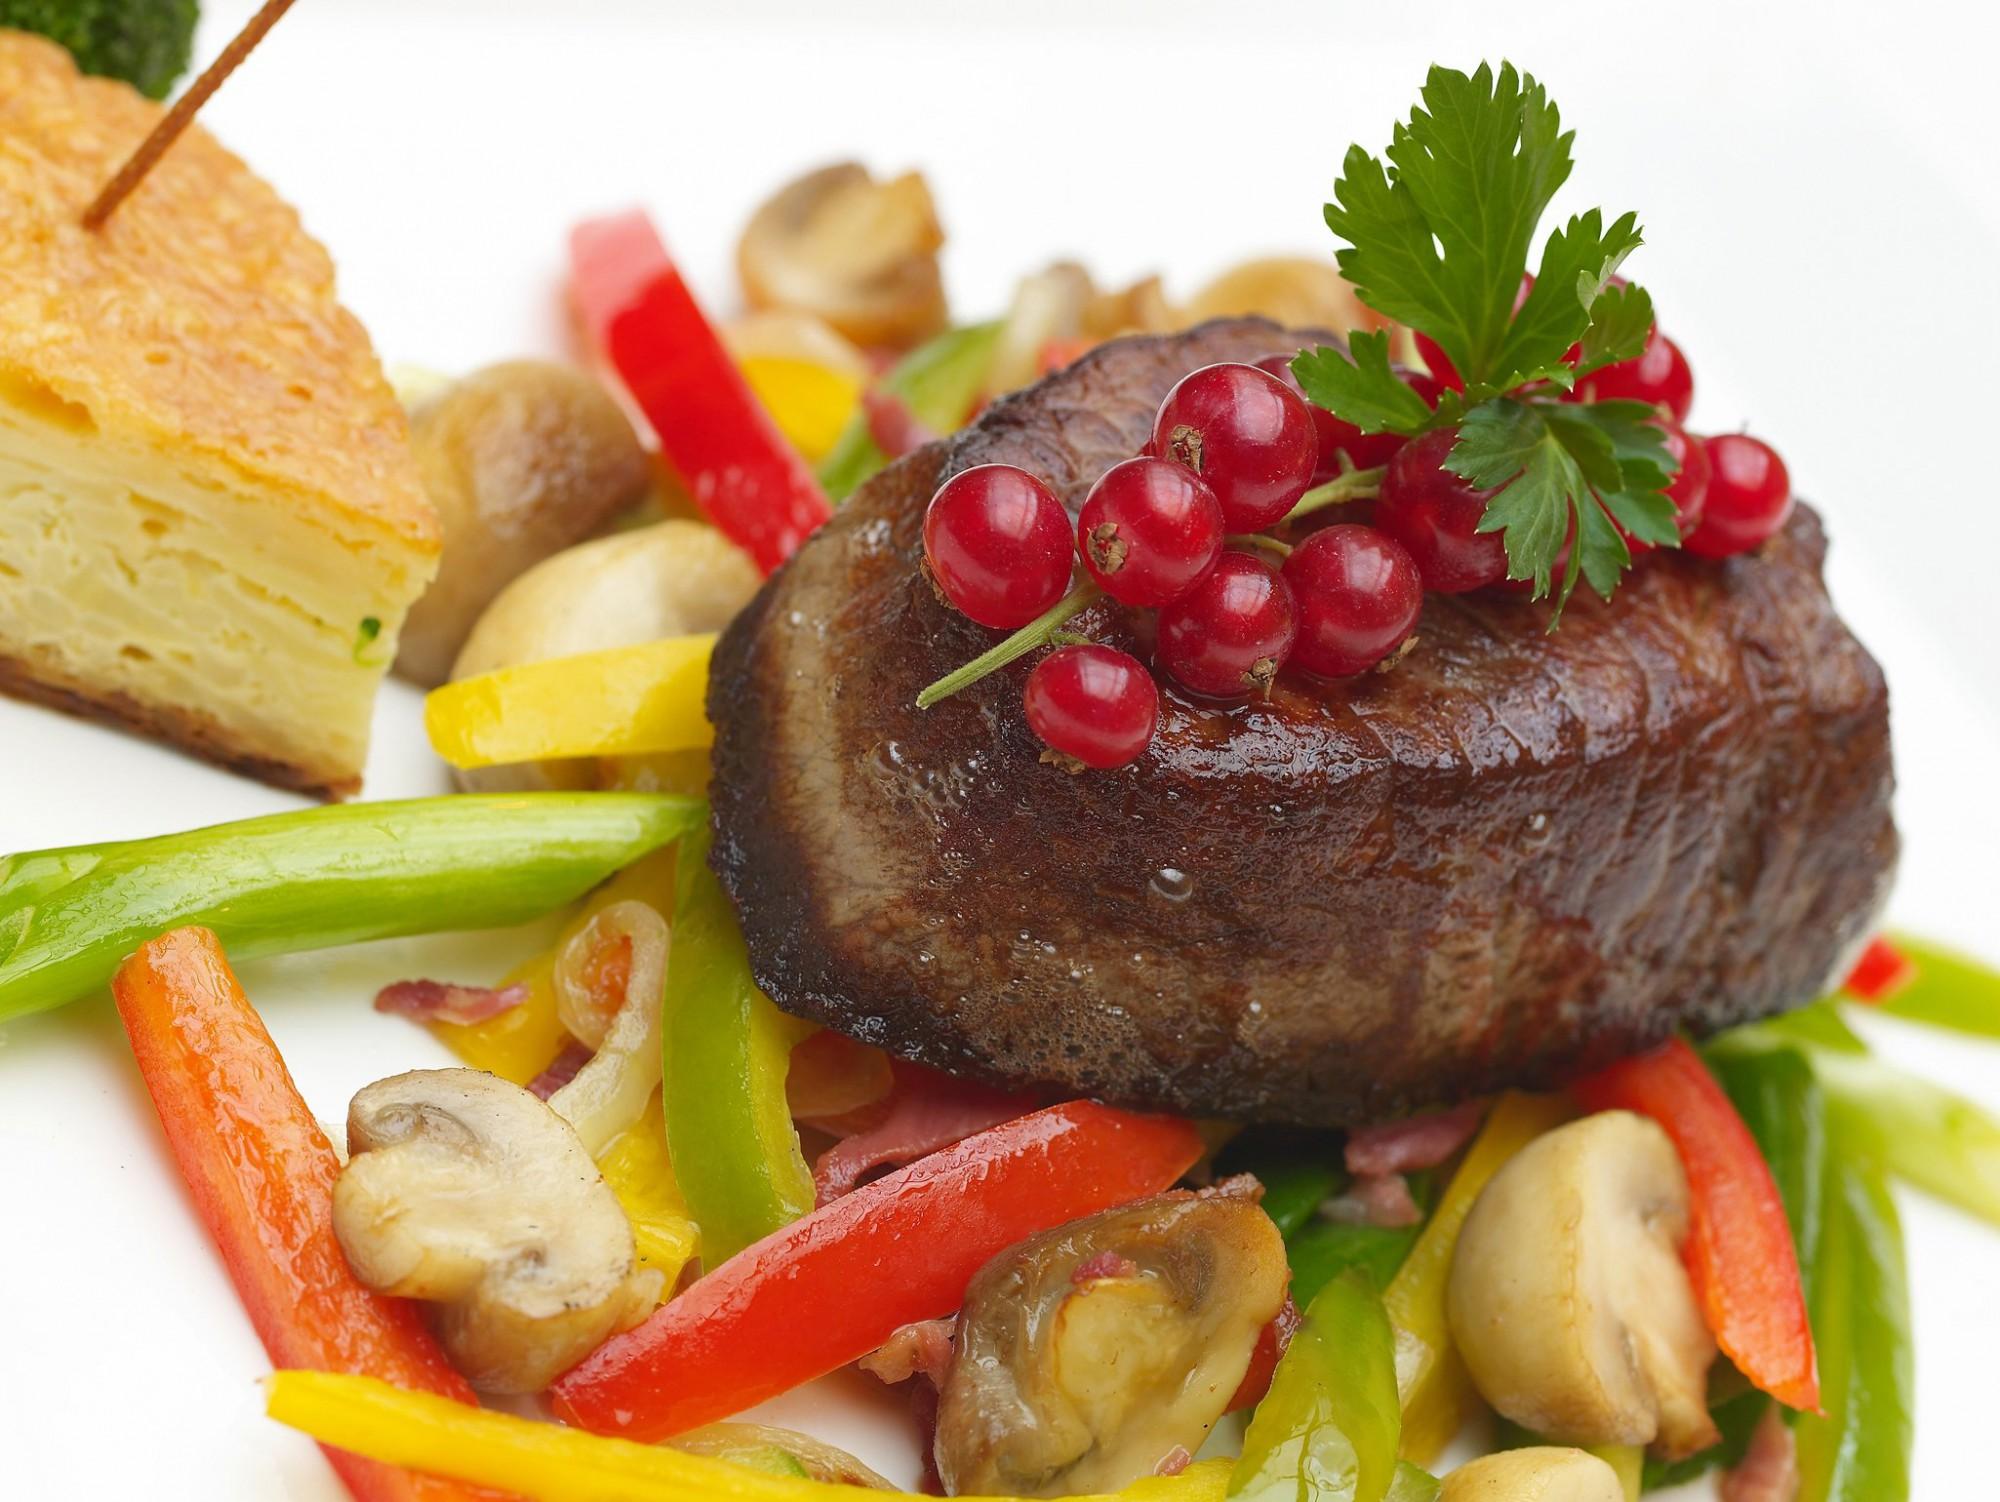 Afbeelding: Food fotografie voor horeca en restaurant, foto Van Huffel.